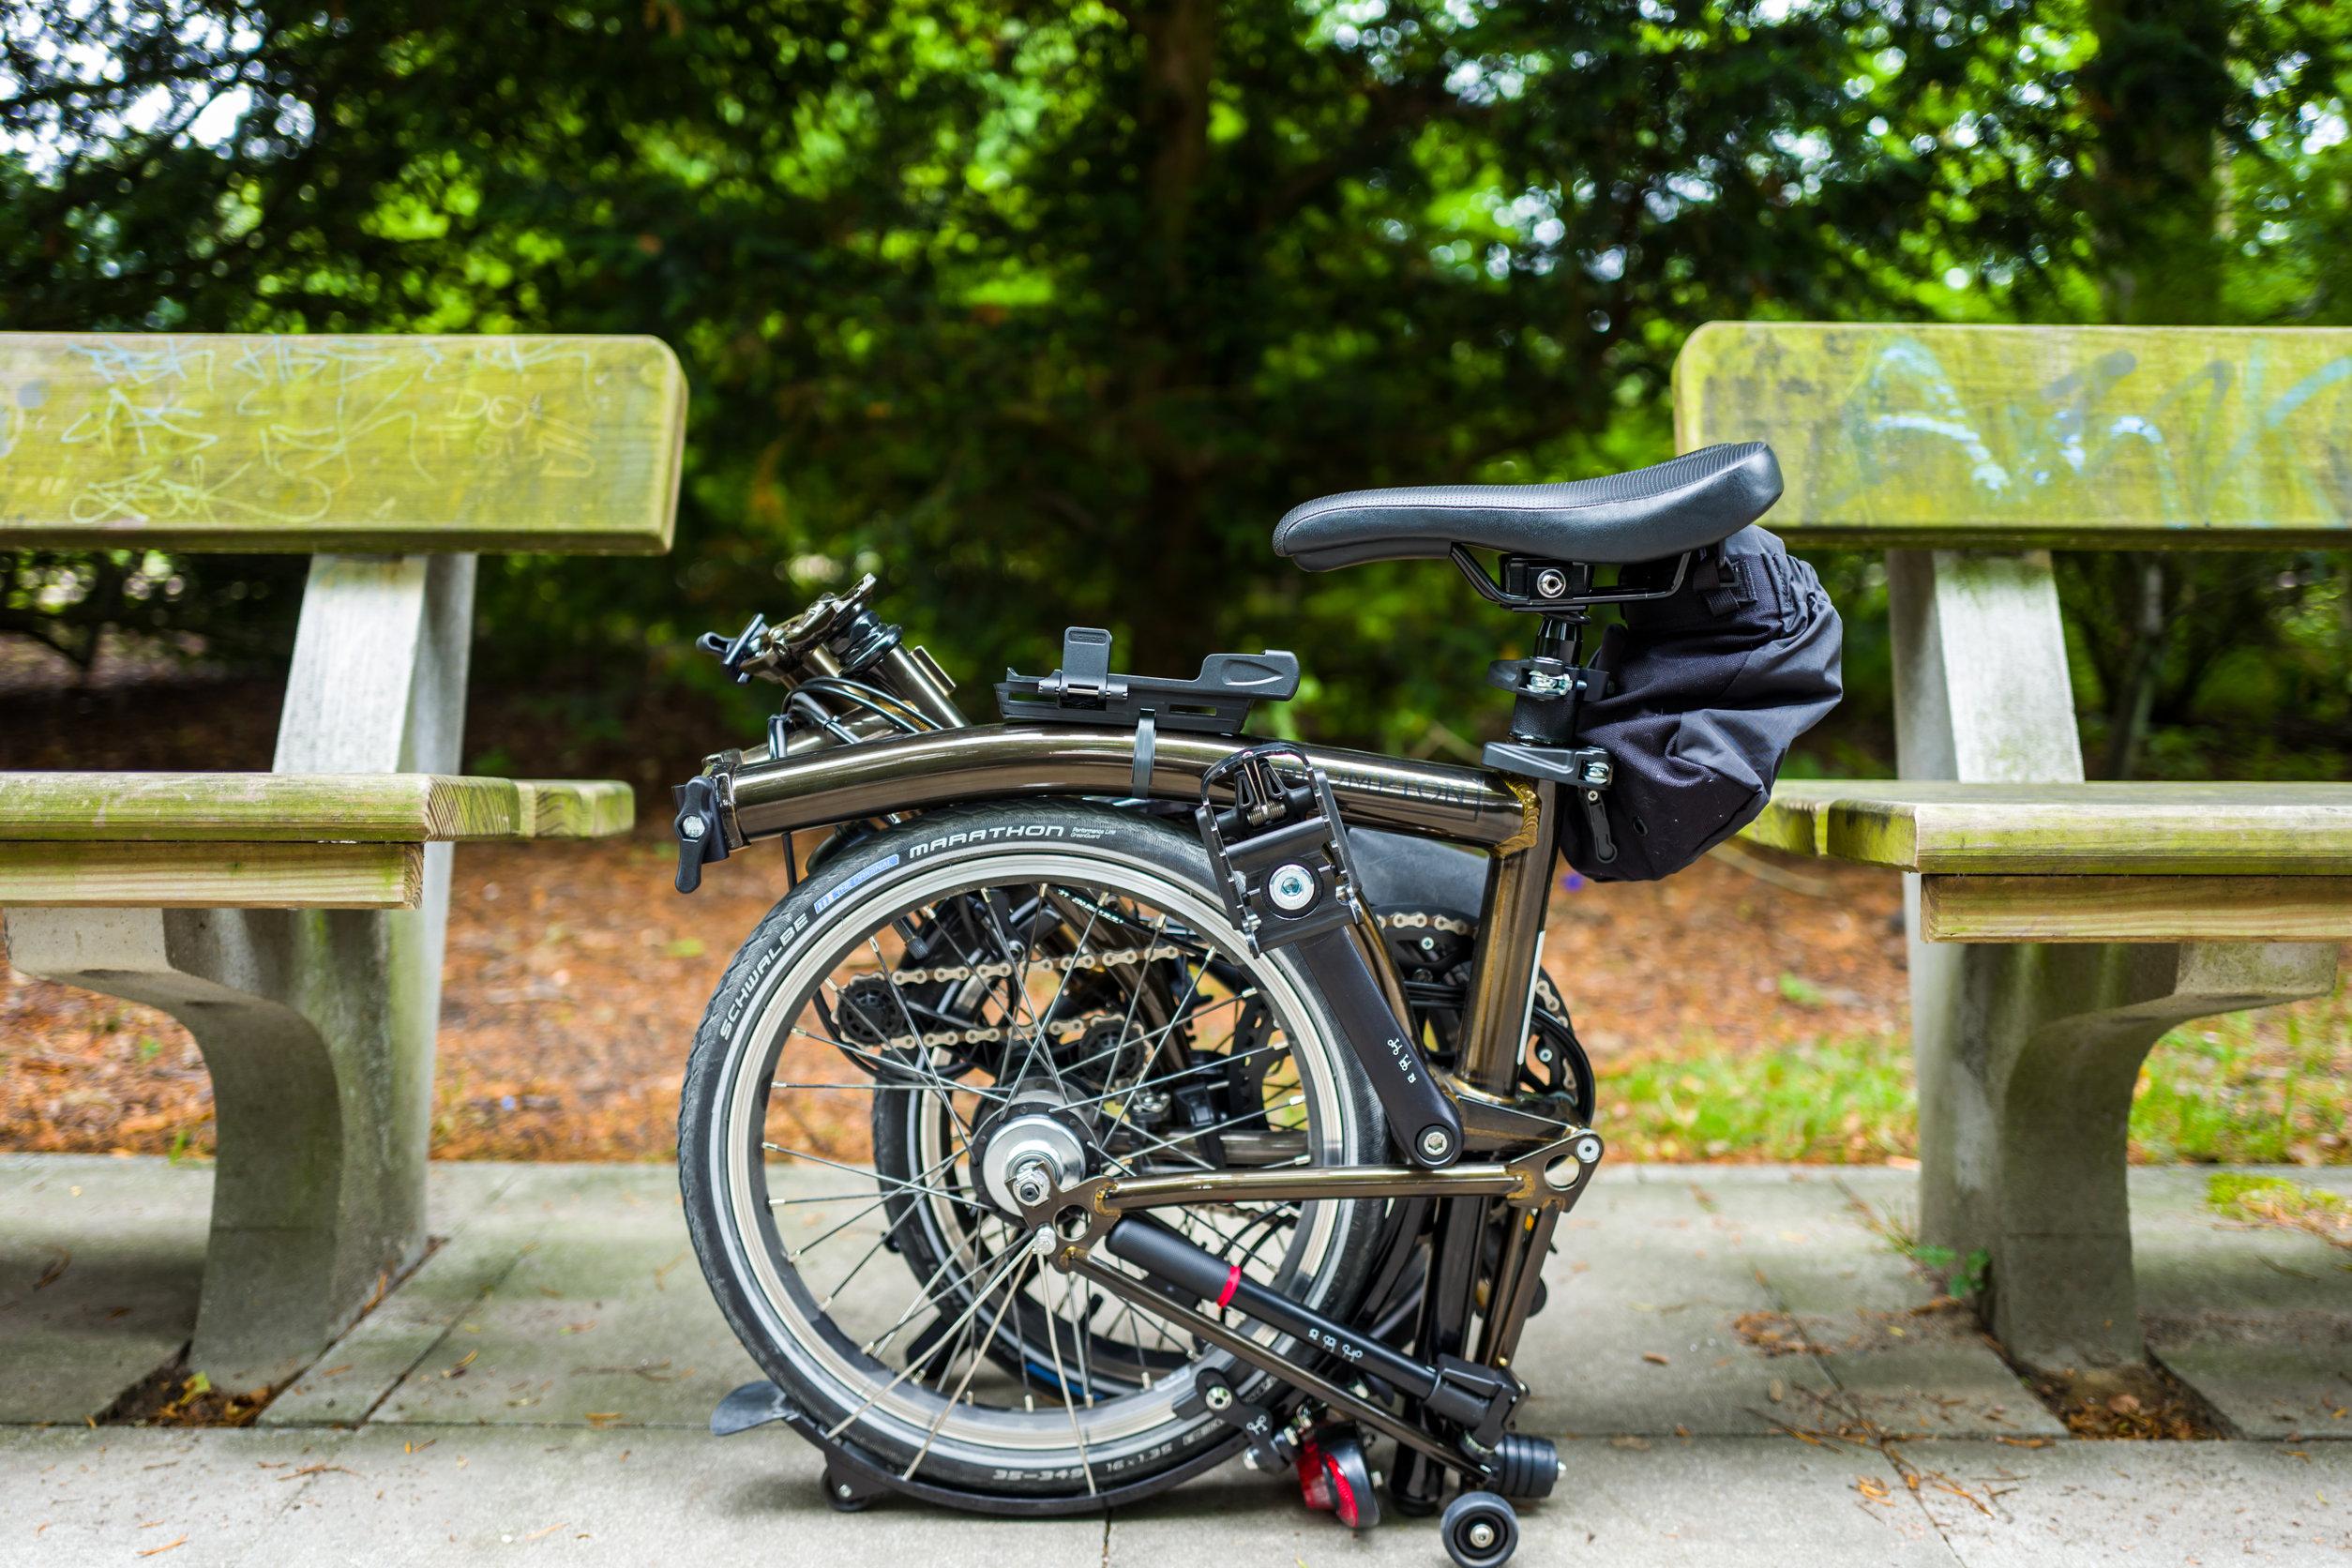 foto de uma bicicleta dobrável em um parque